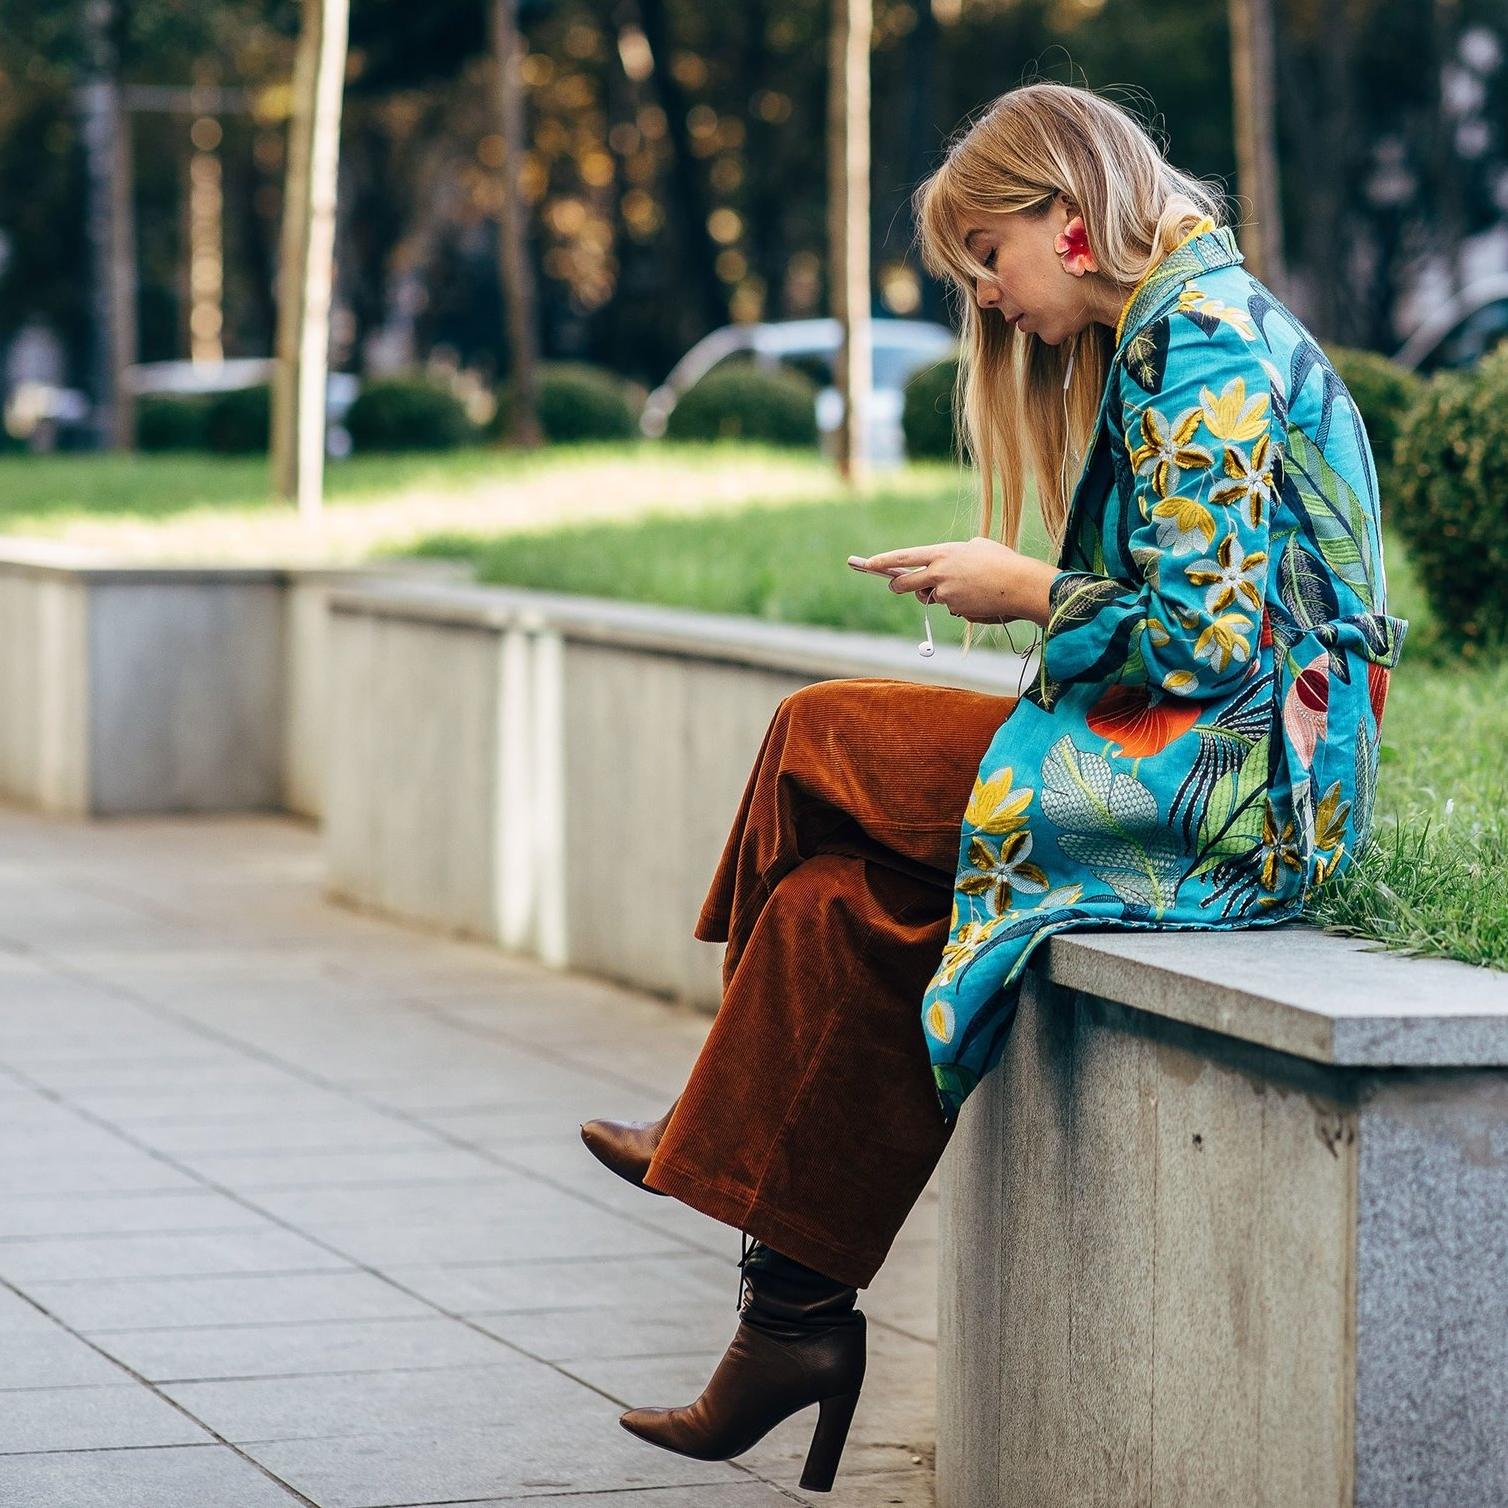 CHLOE KING - Rio Kimono Short  #socialmediamogul #almagirl #girlboss  @ Tbilsi Fashion Week